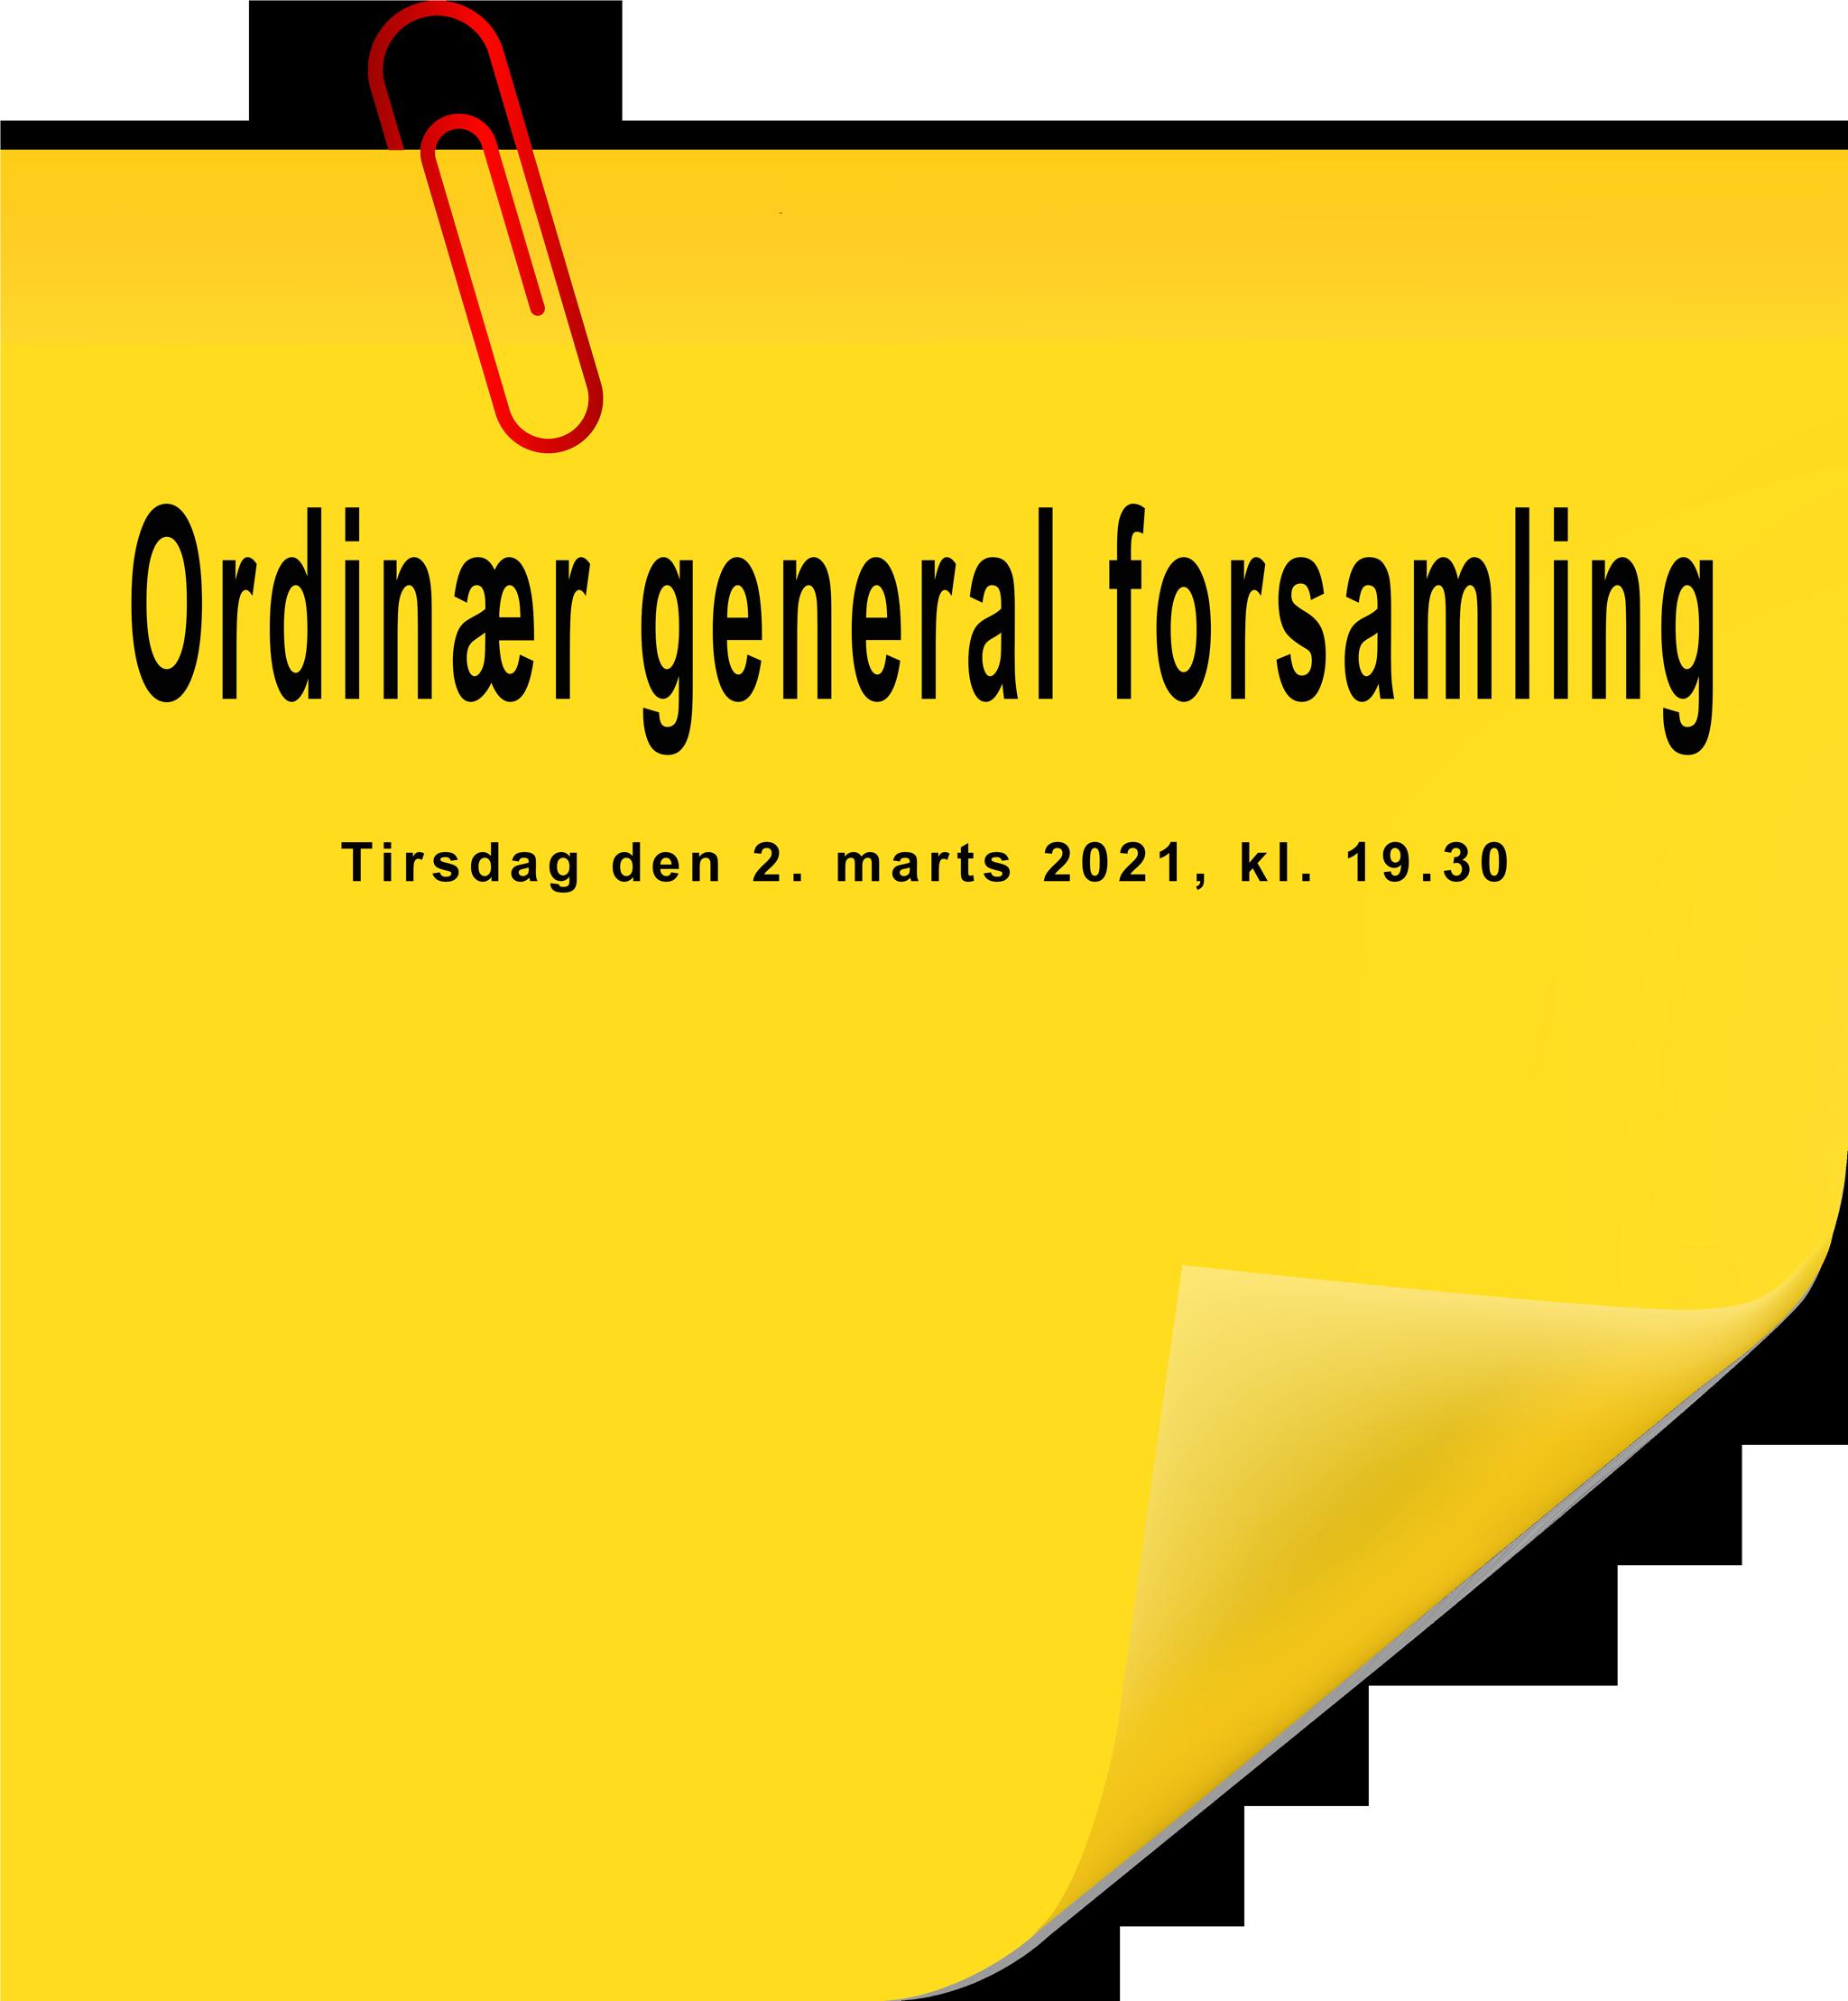 Der indkaldes til ordinær generalforsamling tirsdag den 2. marts 2021